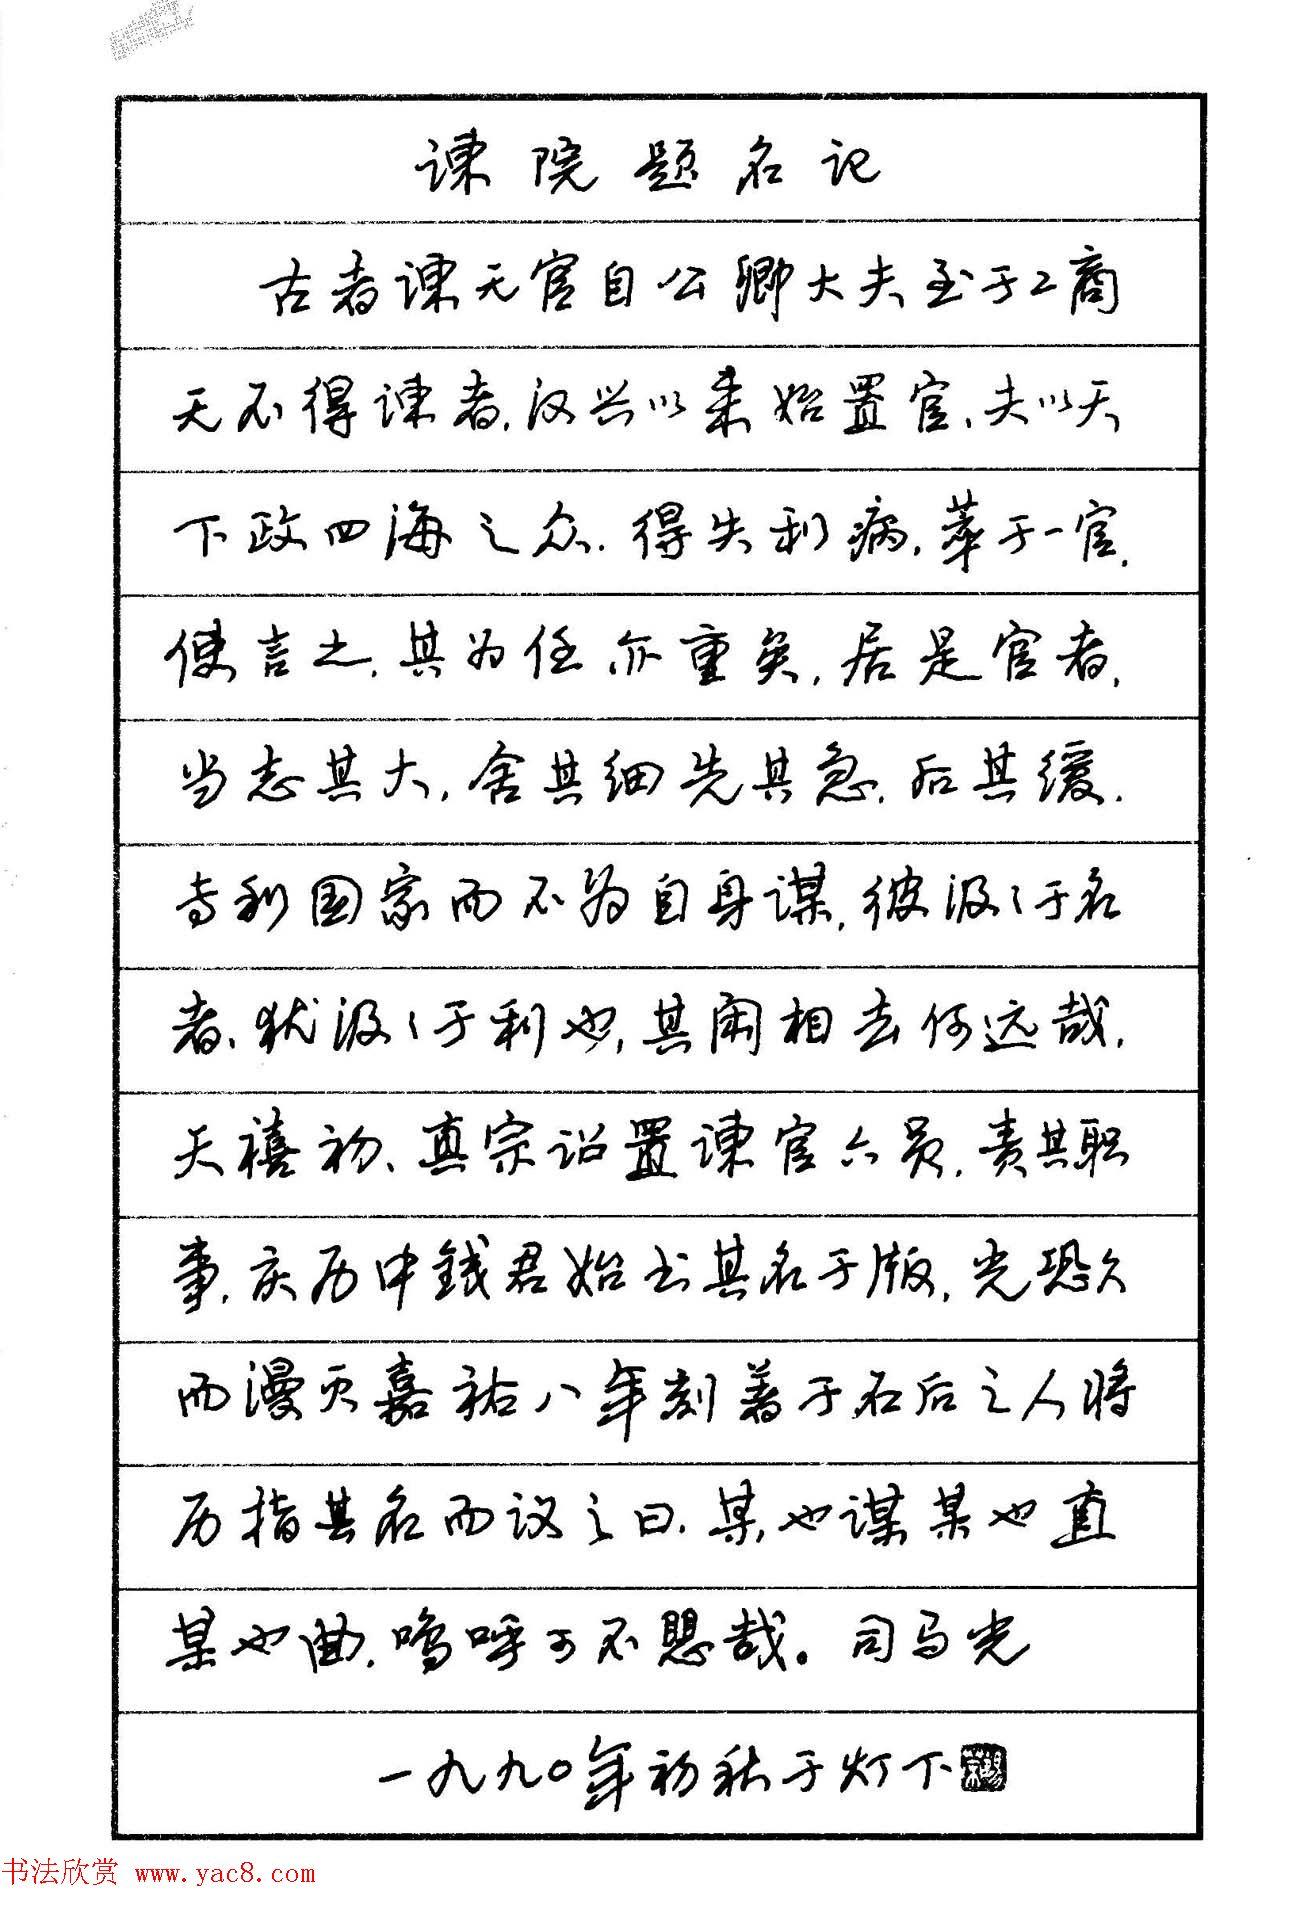 临摹钢笔字体素材